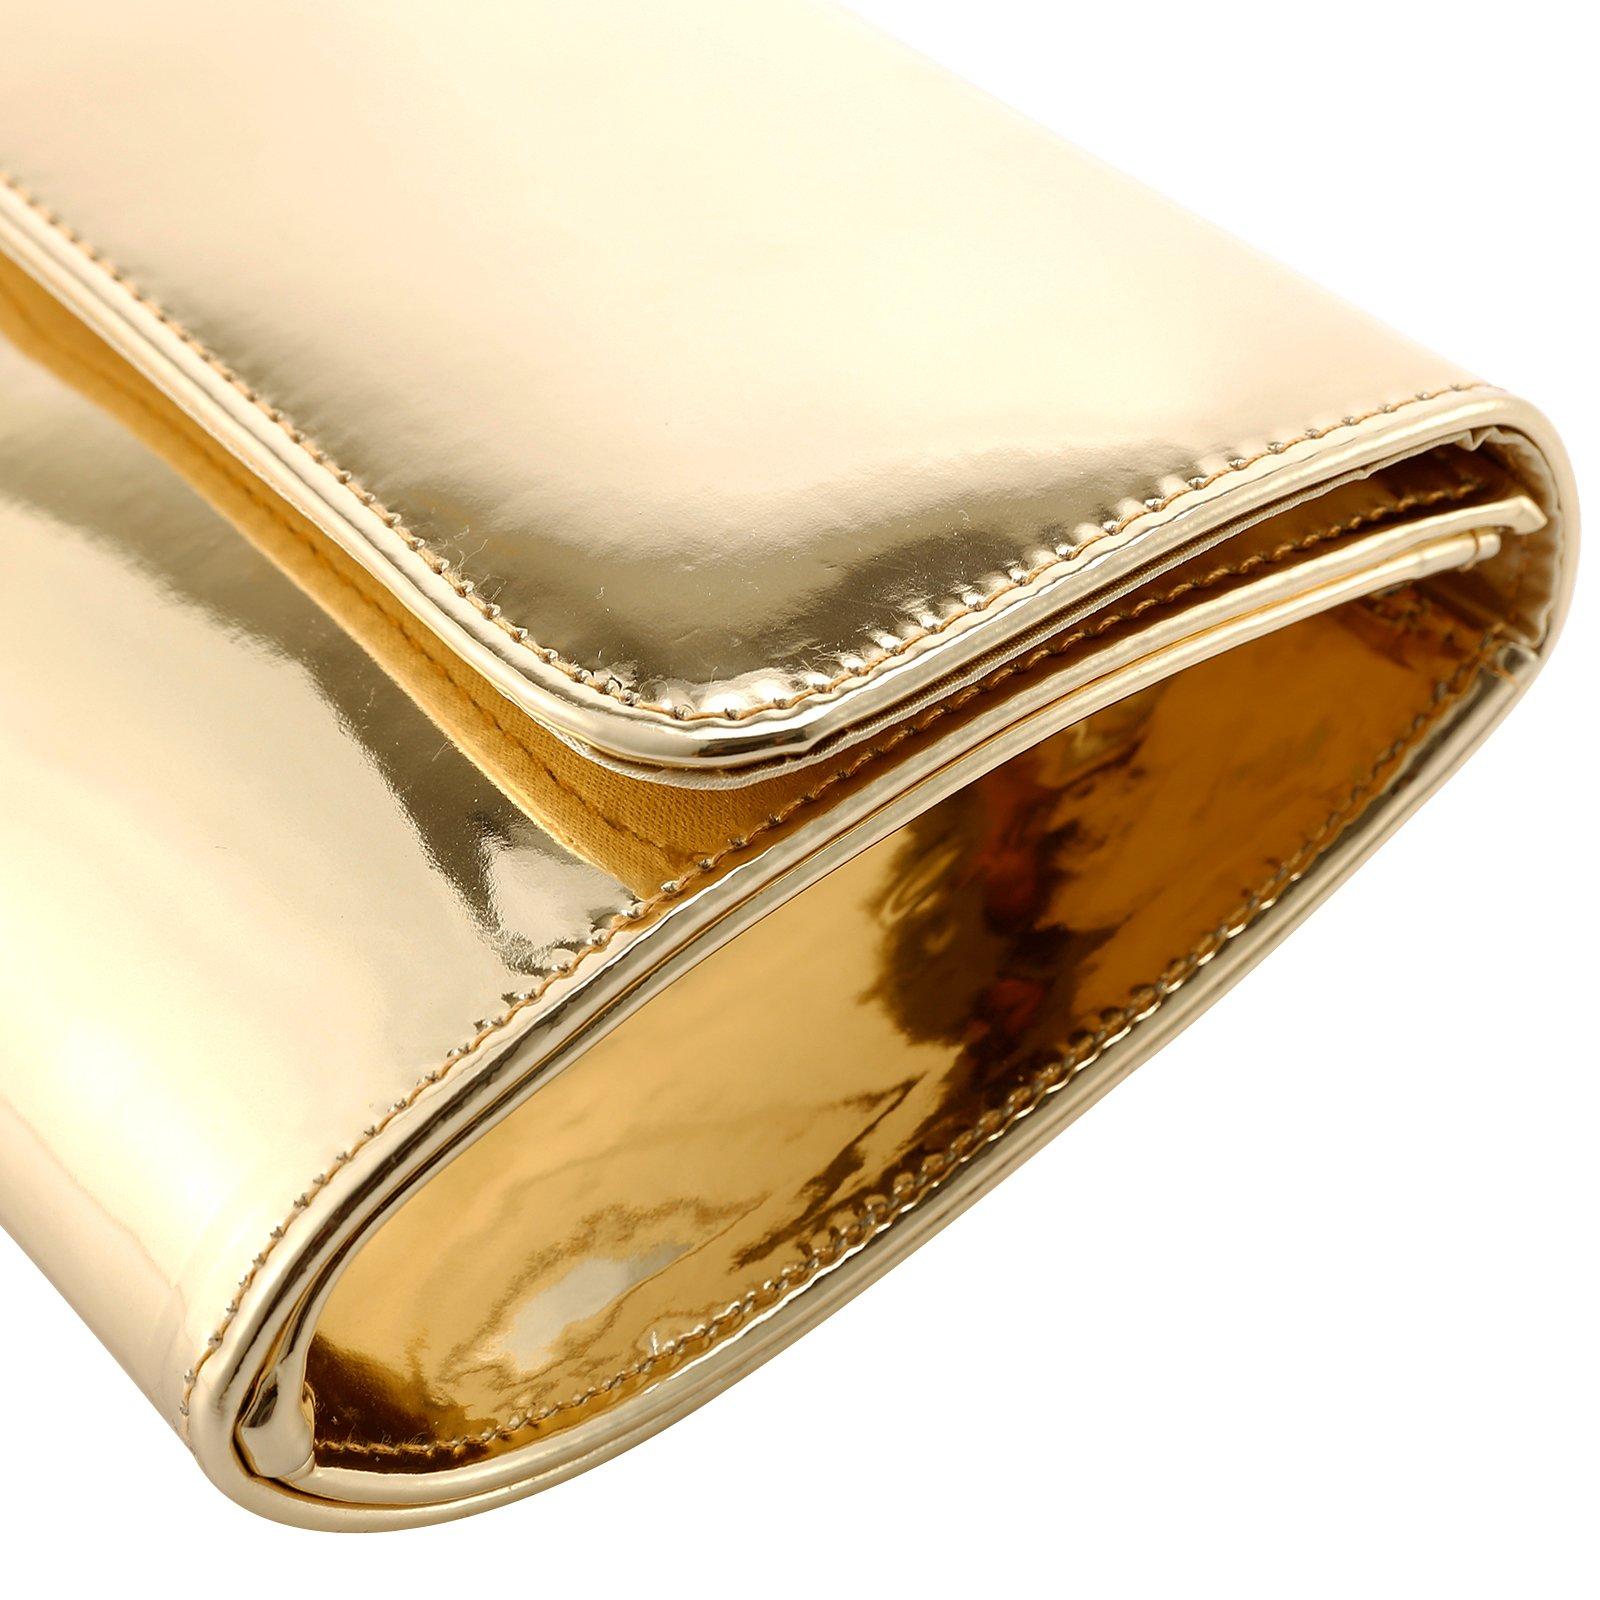 Fraulein38 Designer Mirror Metallic Women Clutch Patent Evening Bag by Fraulein38 (Image #6)